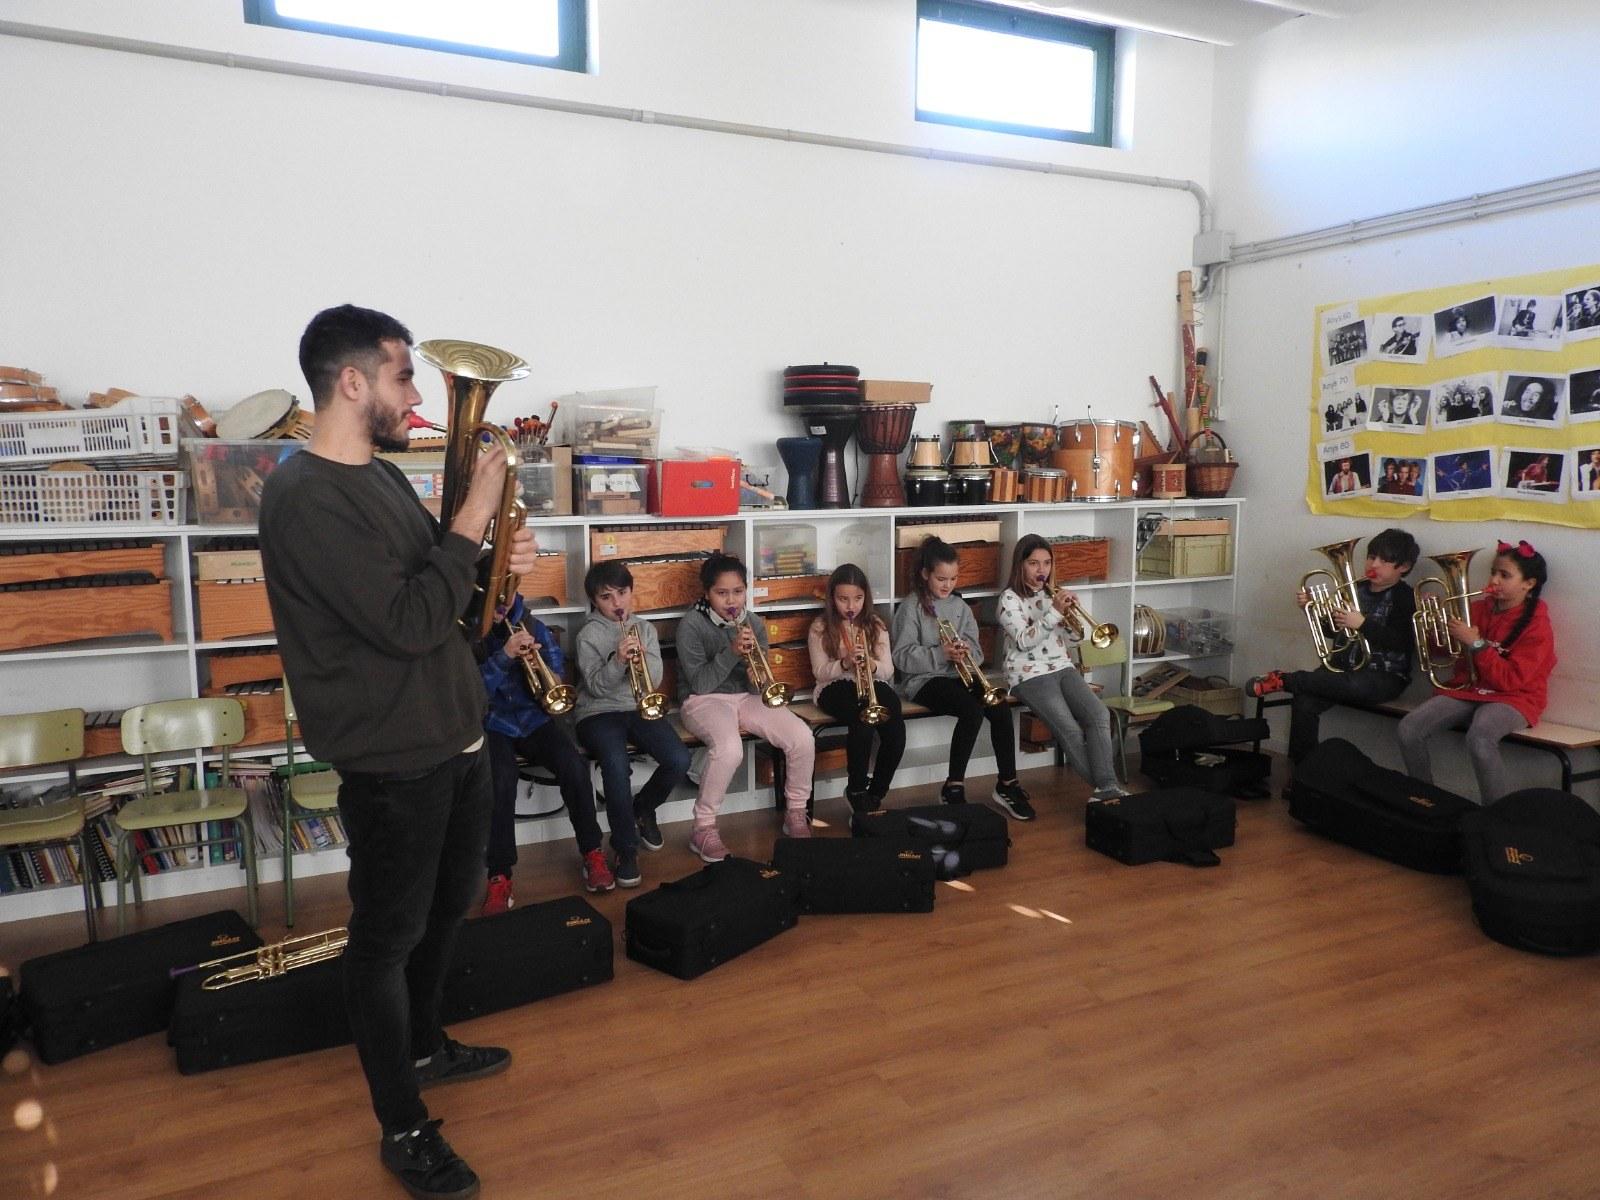 L'Escola Esteve Barrachina guanya el premi Baldiri Escola per impulsar les arts al centre educatiu